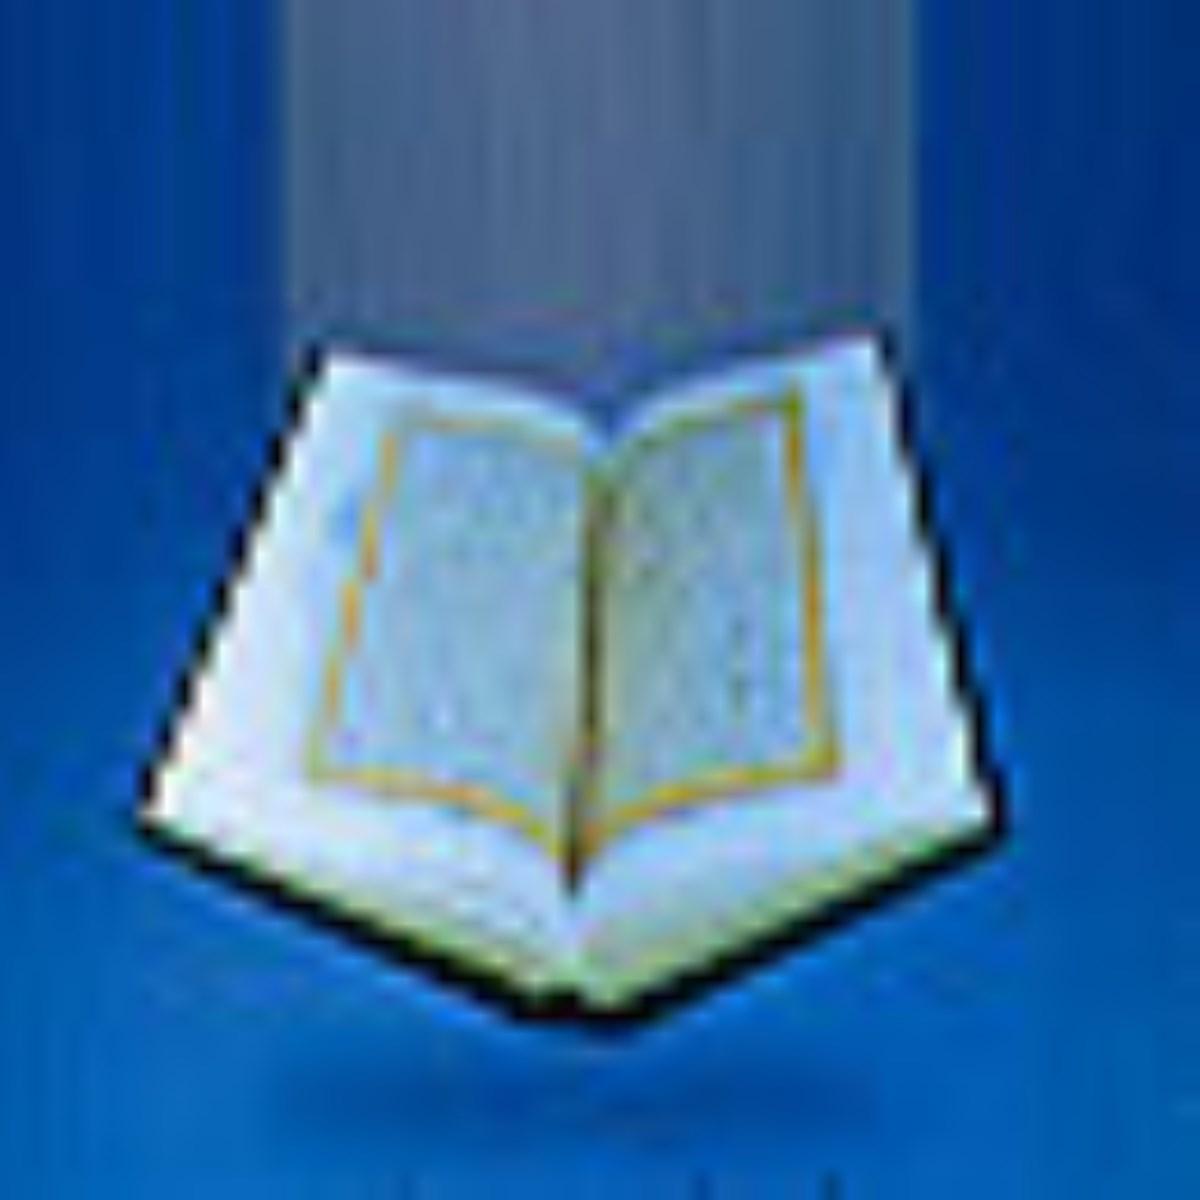 برخي از ويژگي هاي انسان در قرآن ( پنجاه ويژگي )